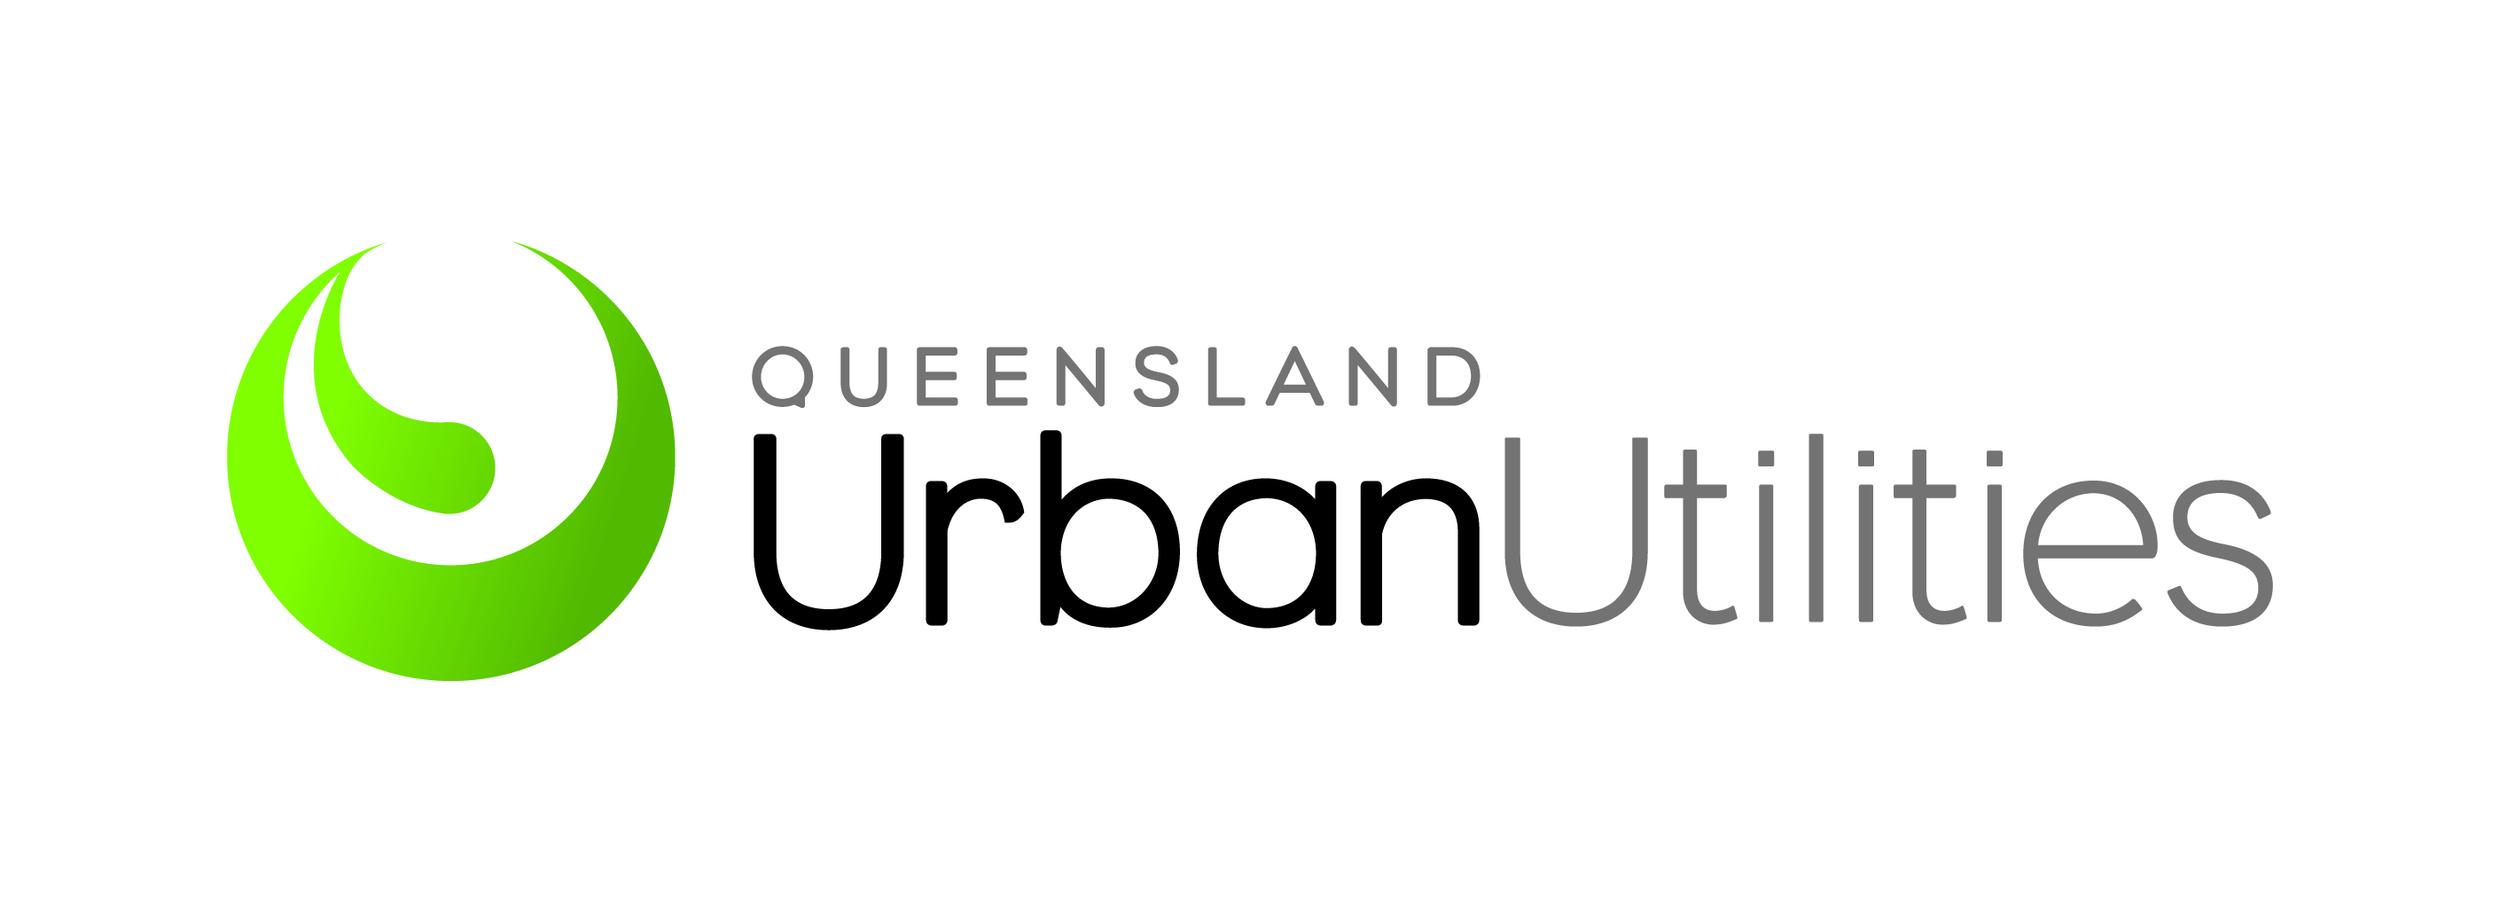 Queensland Urban Utilities.jpg